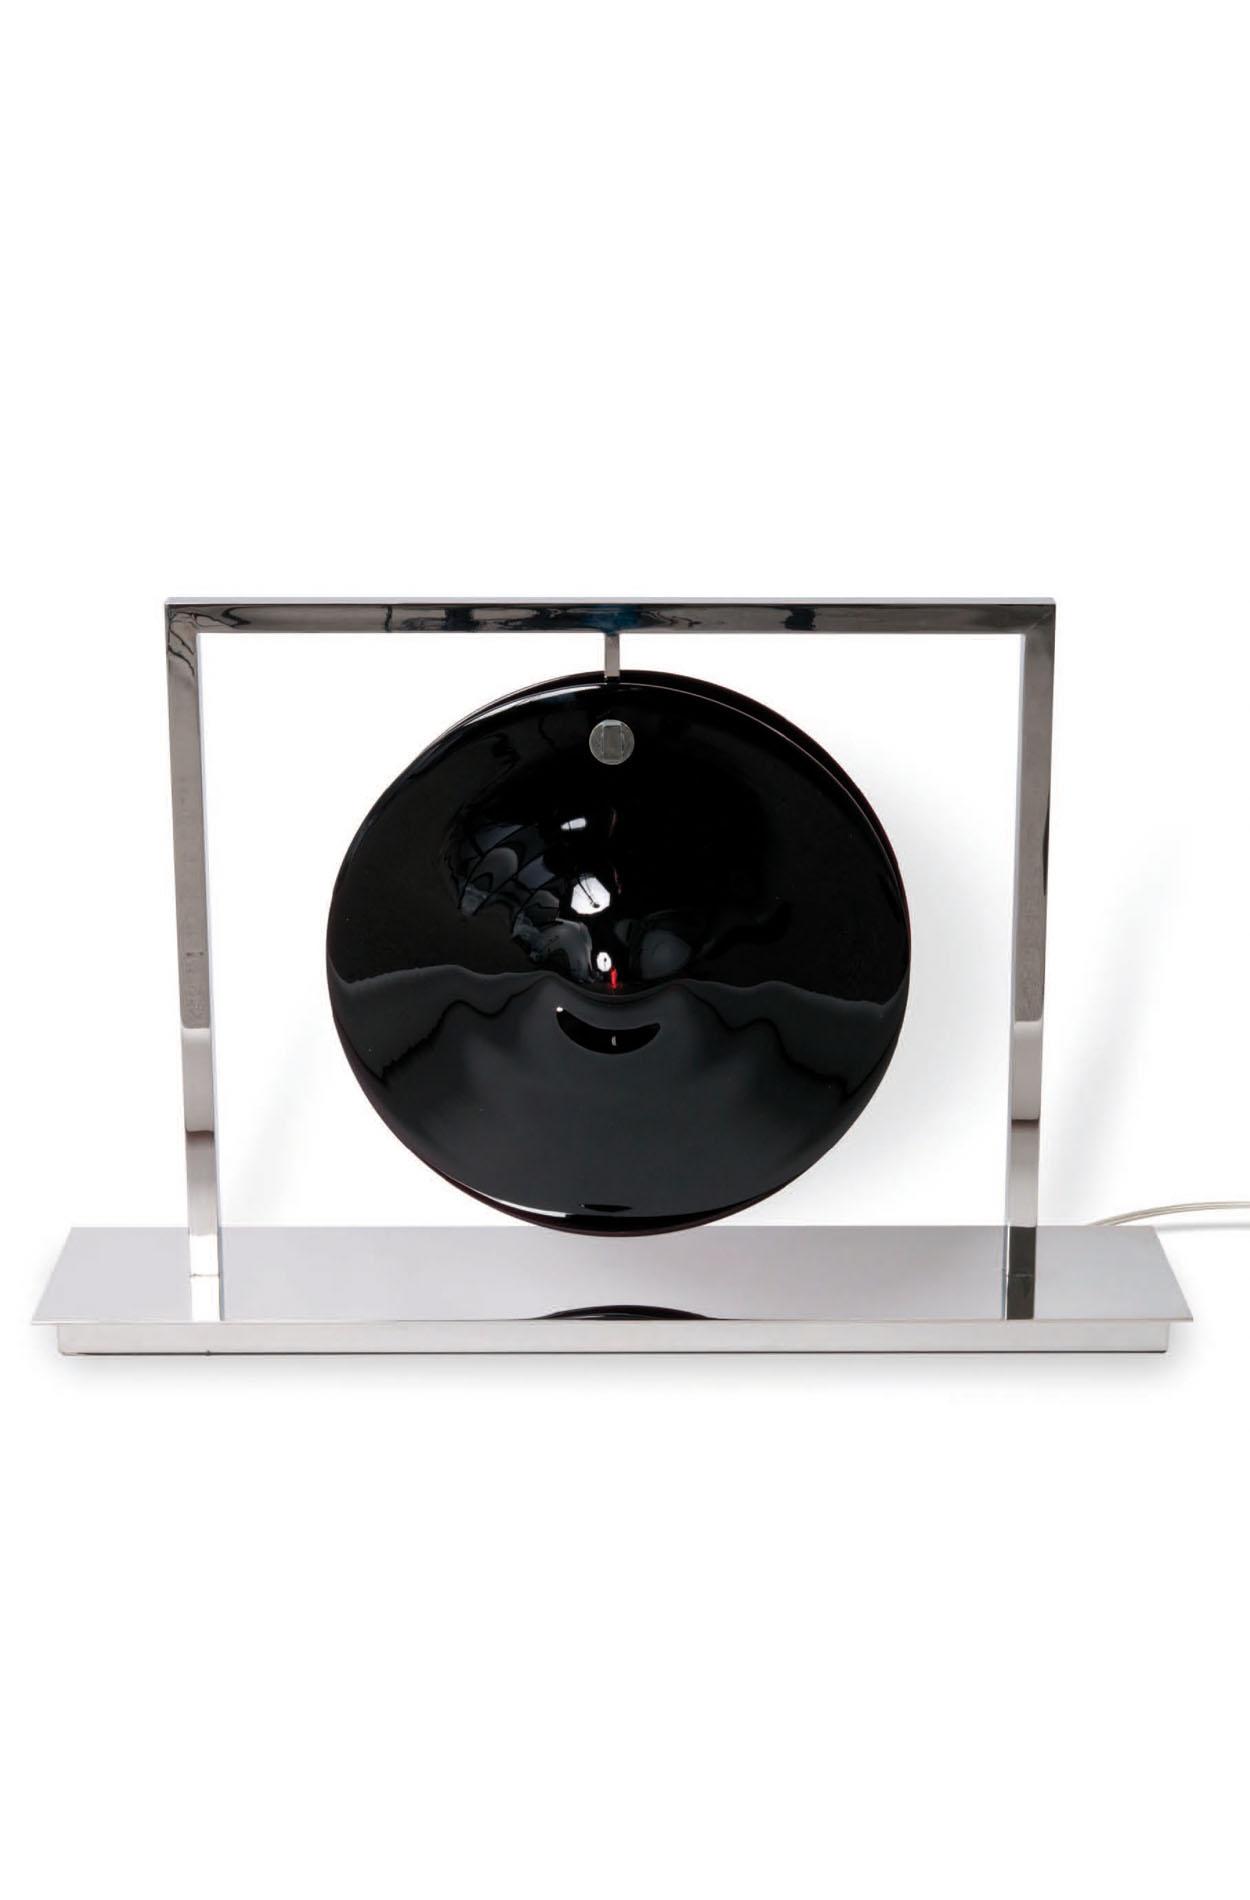 orbe-table-gong-chrome-noir-black-patrick-naggar-veronese-1.jpg